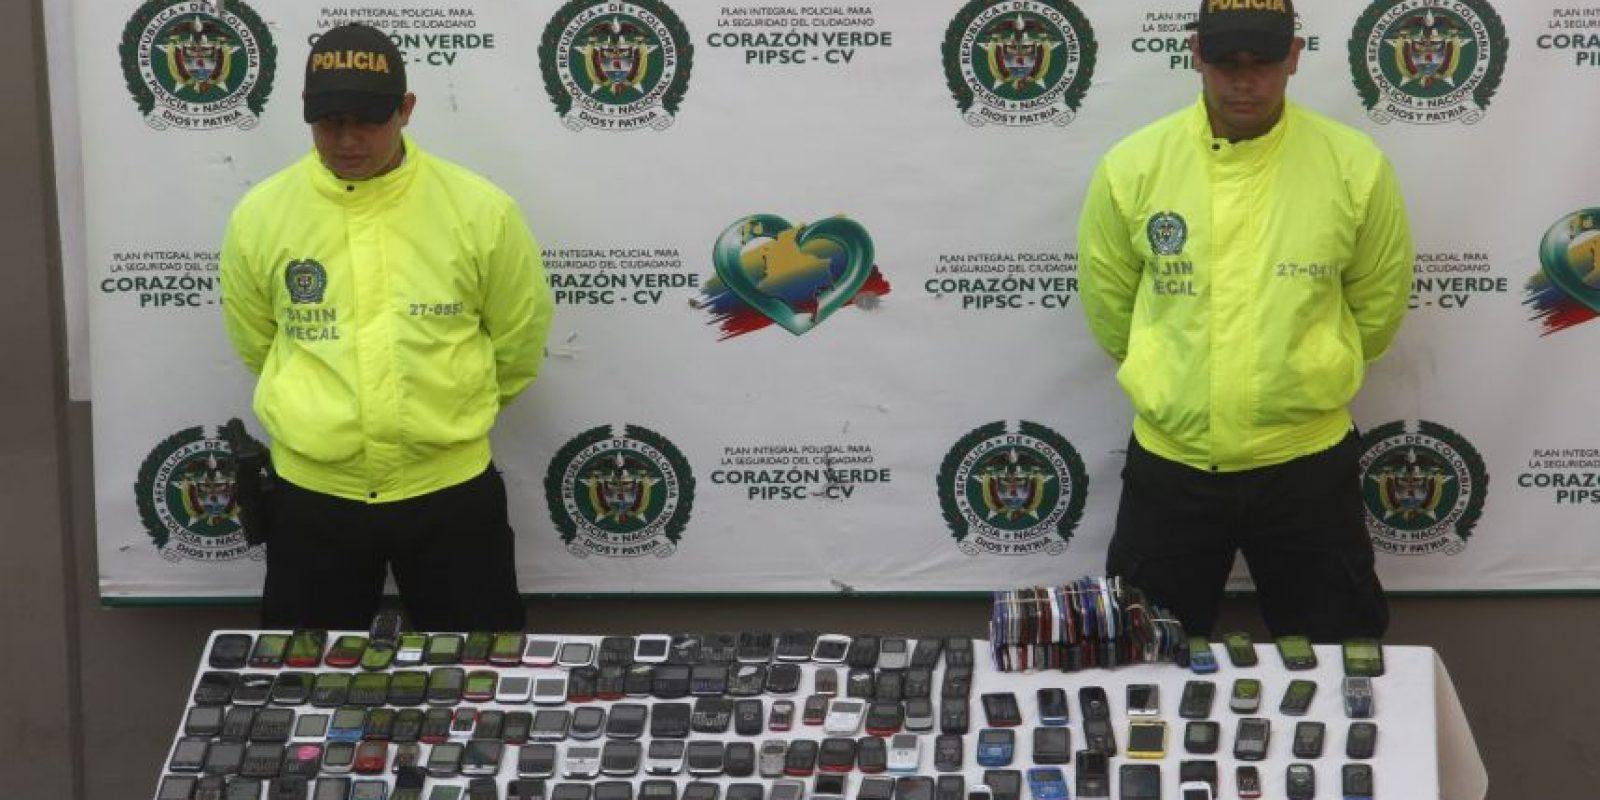 Foto:Policía Metropolitana de Cali